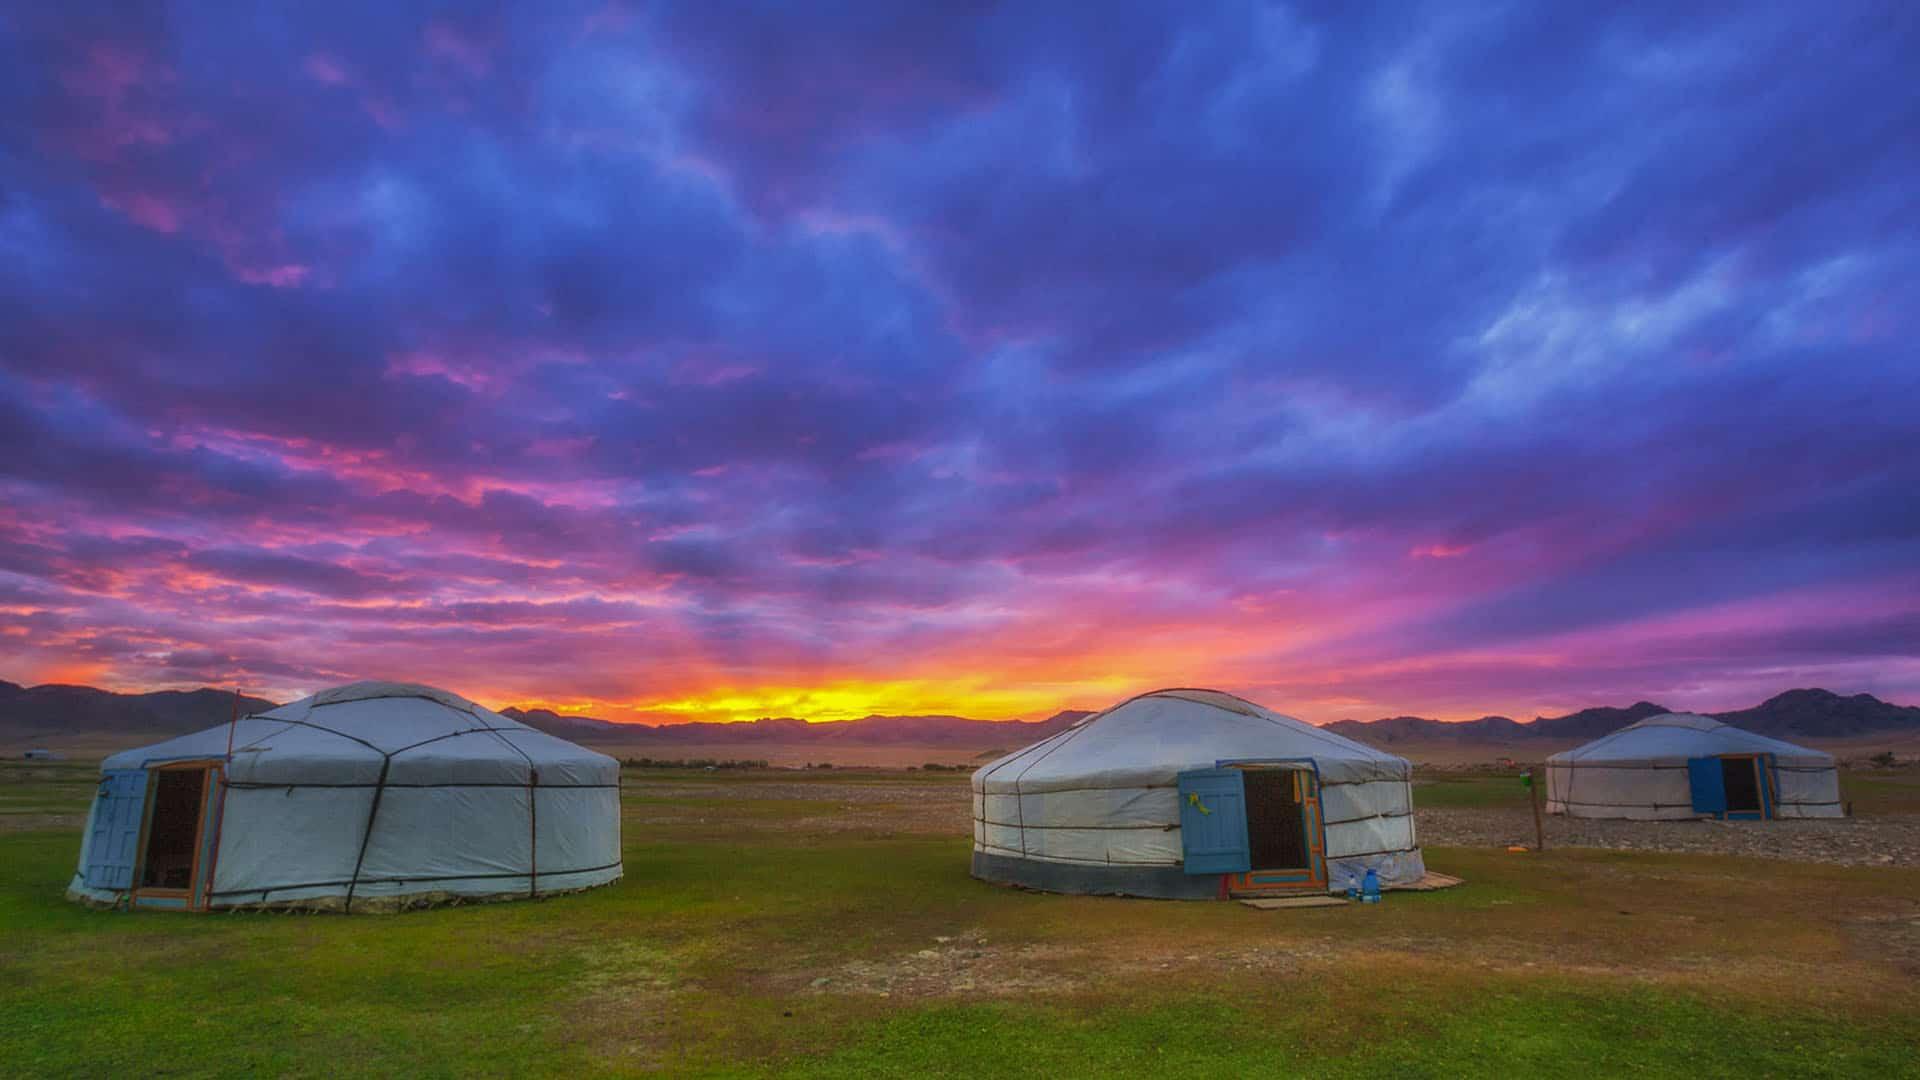 ghers at sunset in mongolia gobi desert